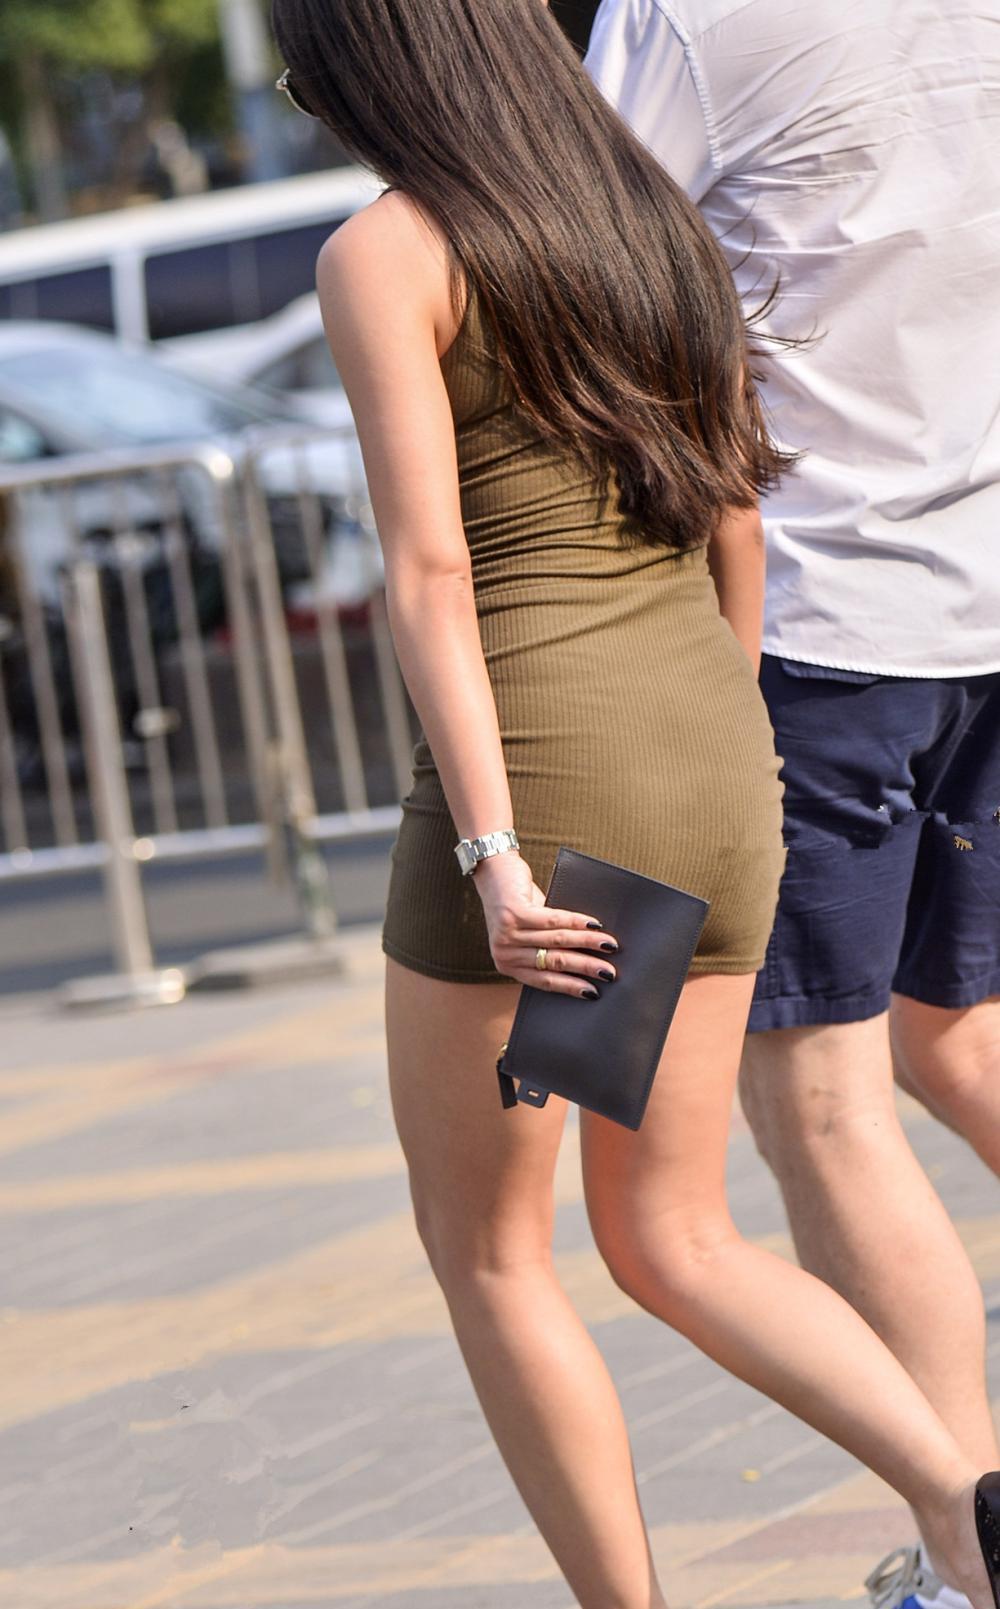 街拍时尚: 脚踩细高跟鞋 身穿紧身包臀短裙, 完美曲线